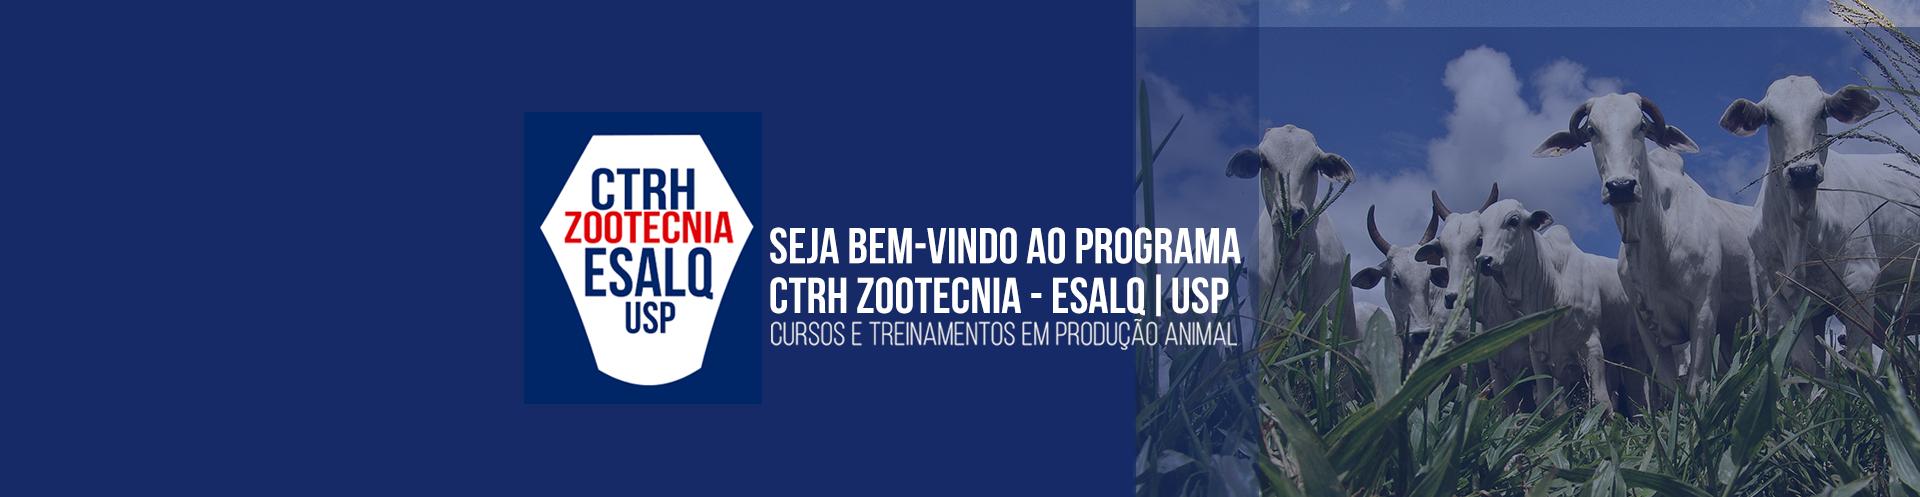 Banner zootecnia 23.08